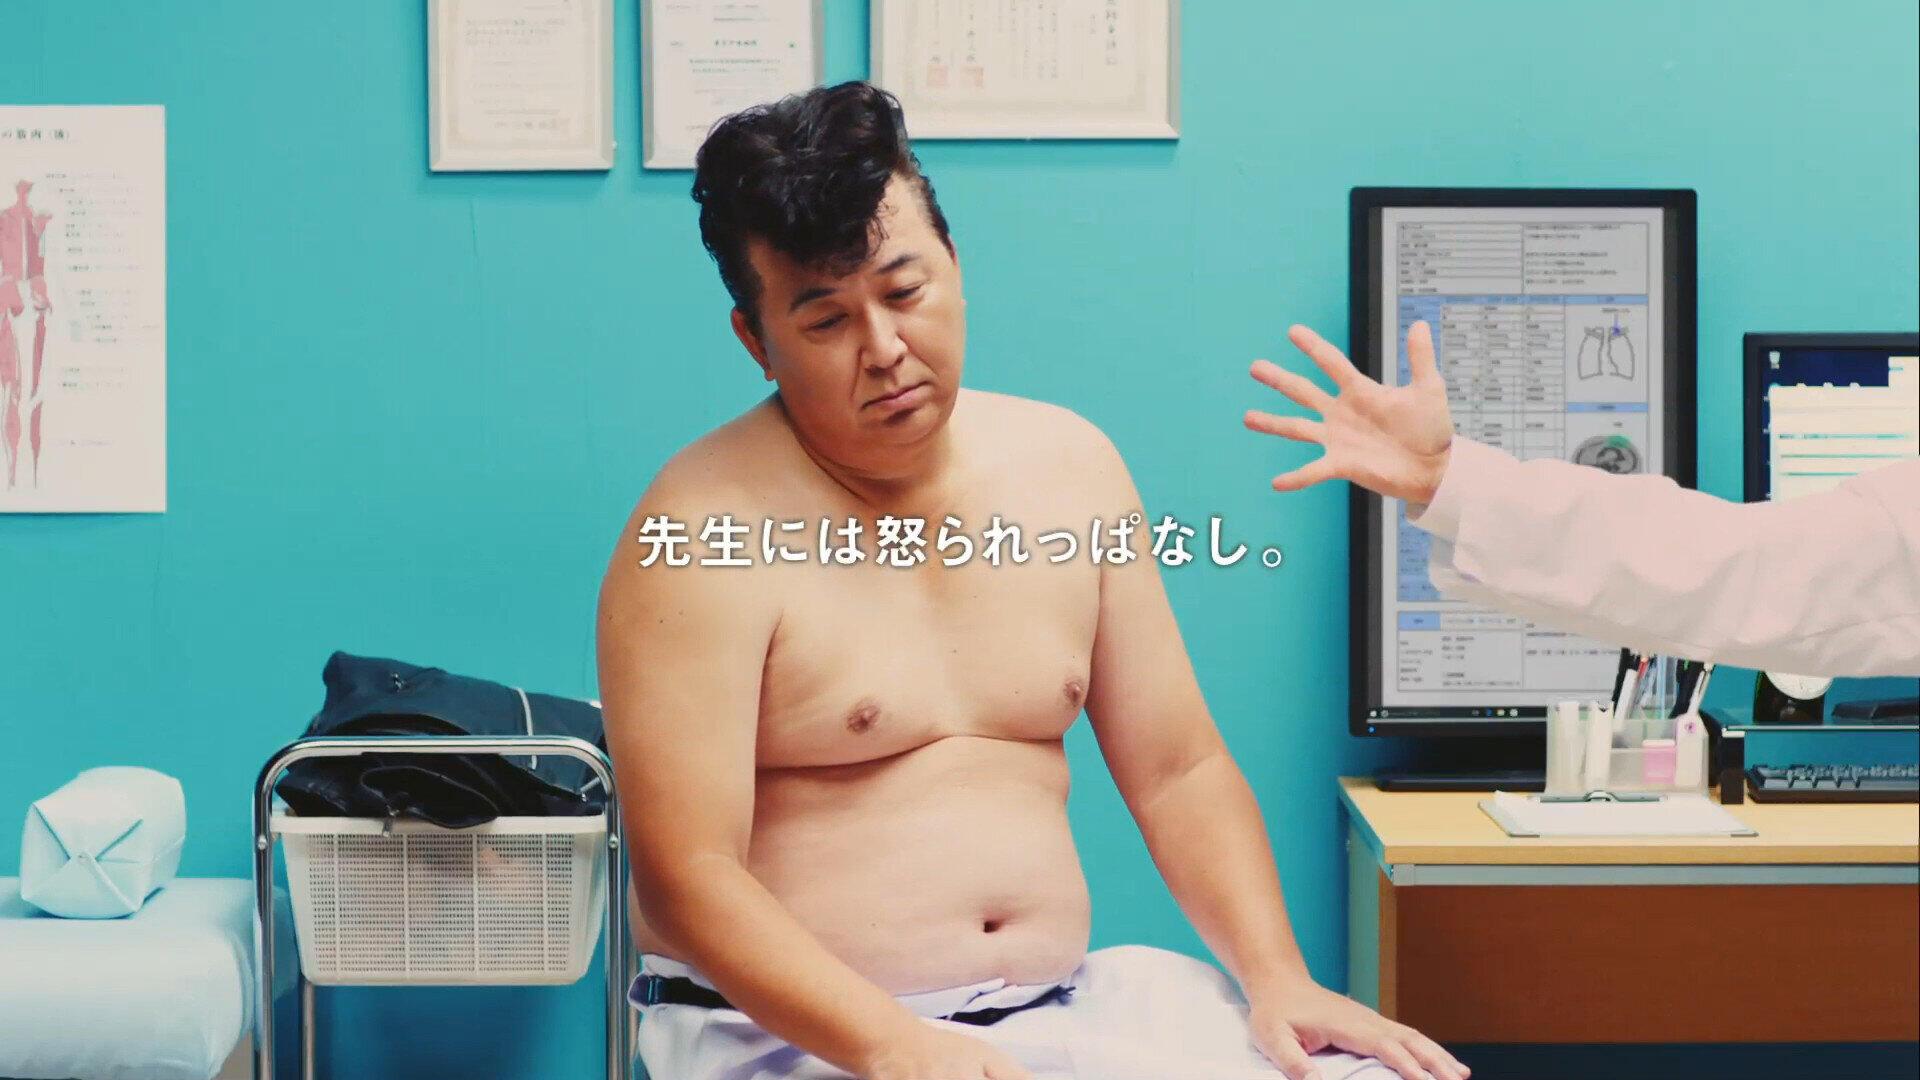 嶋大輔がライザップ「健康ダイエット」で大変身 糖尿病抱えながらも体重15キロ減